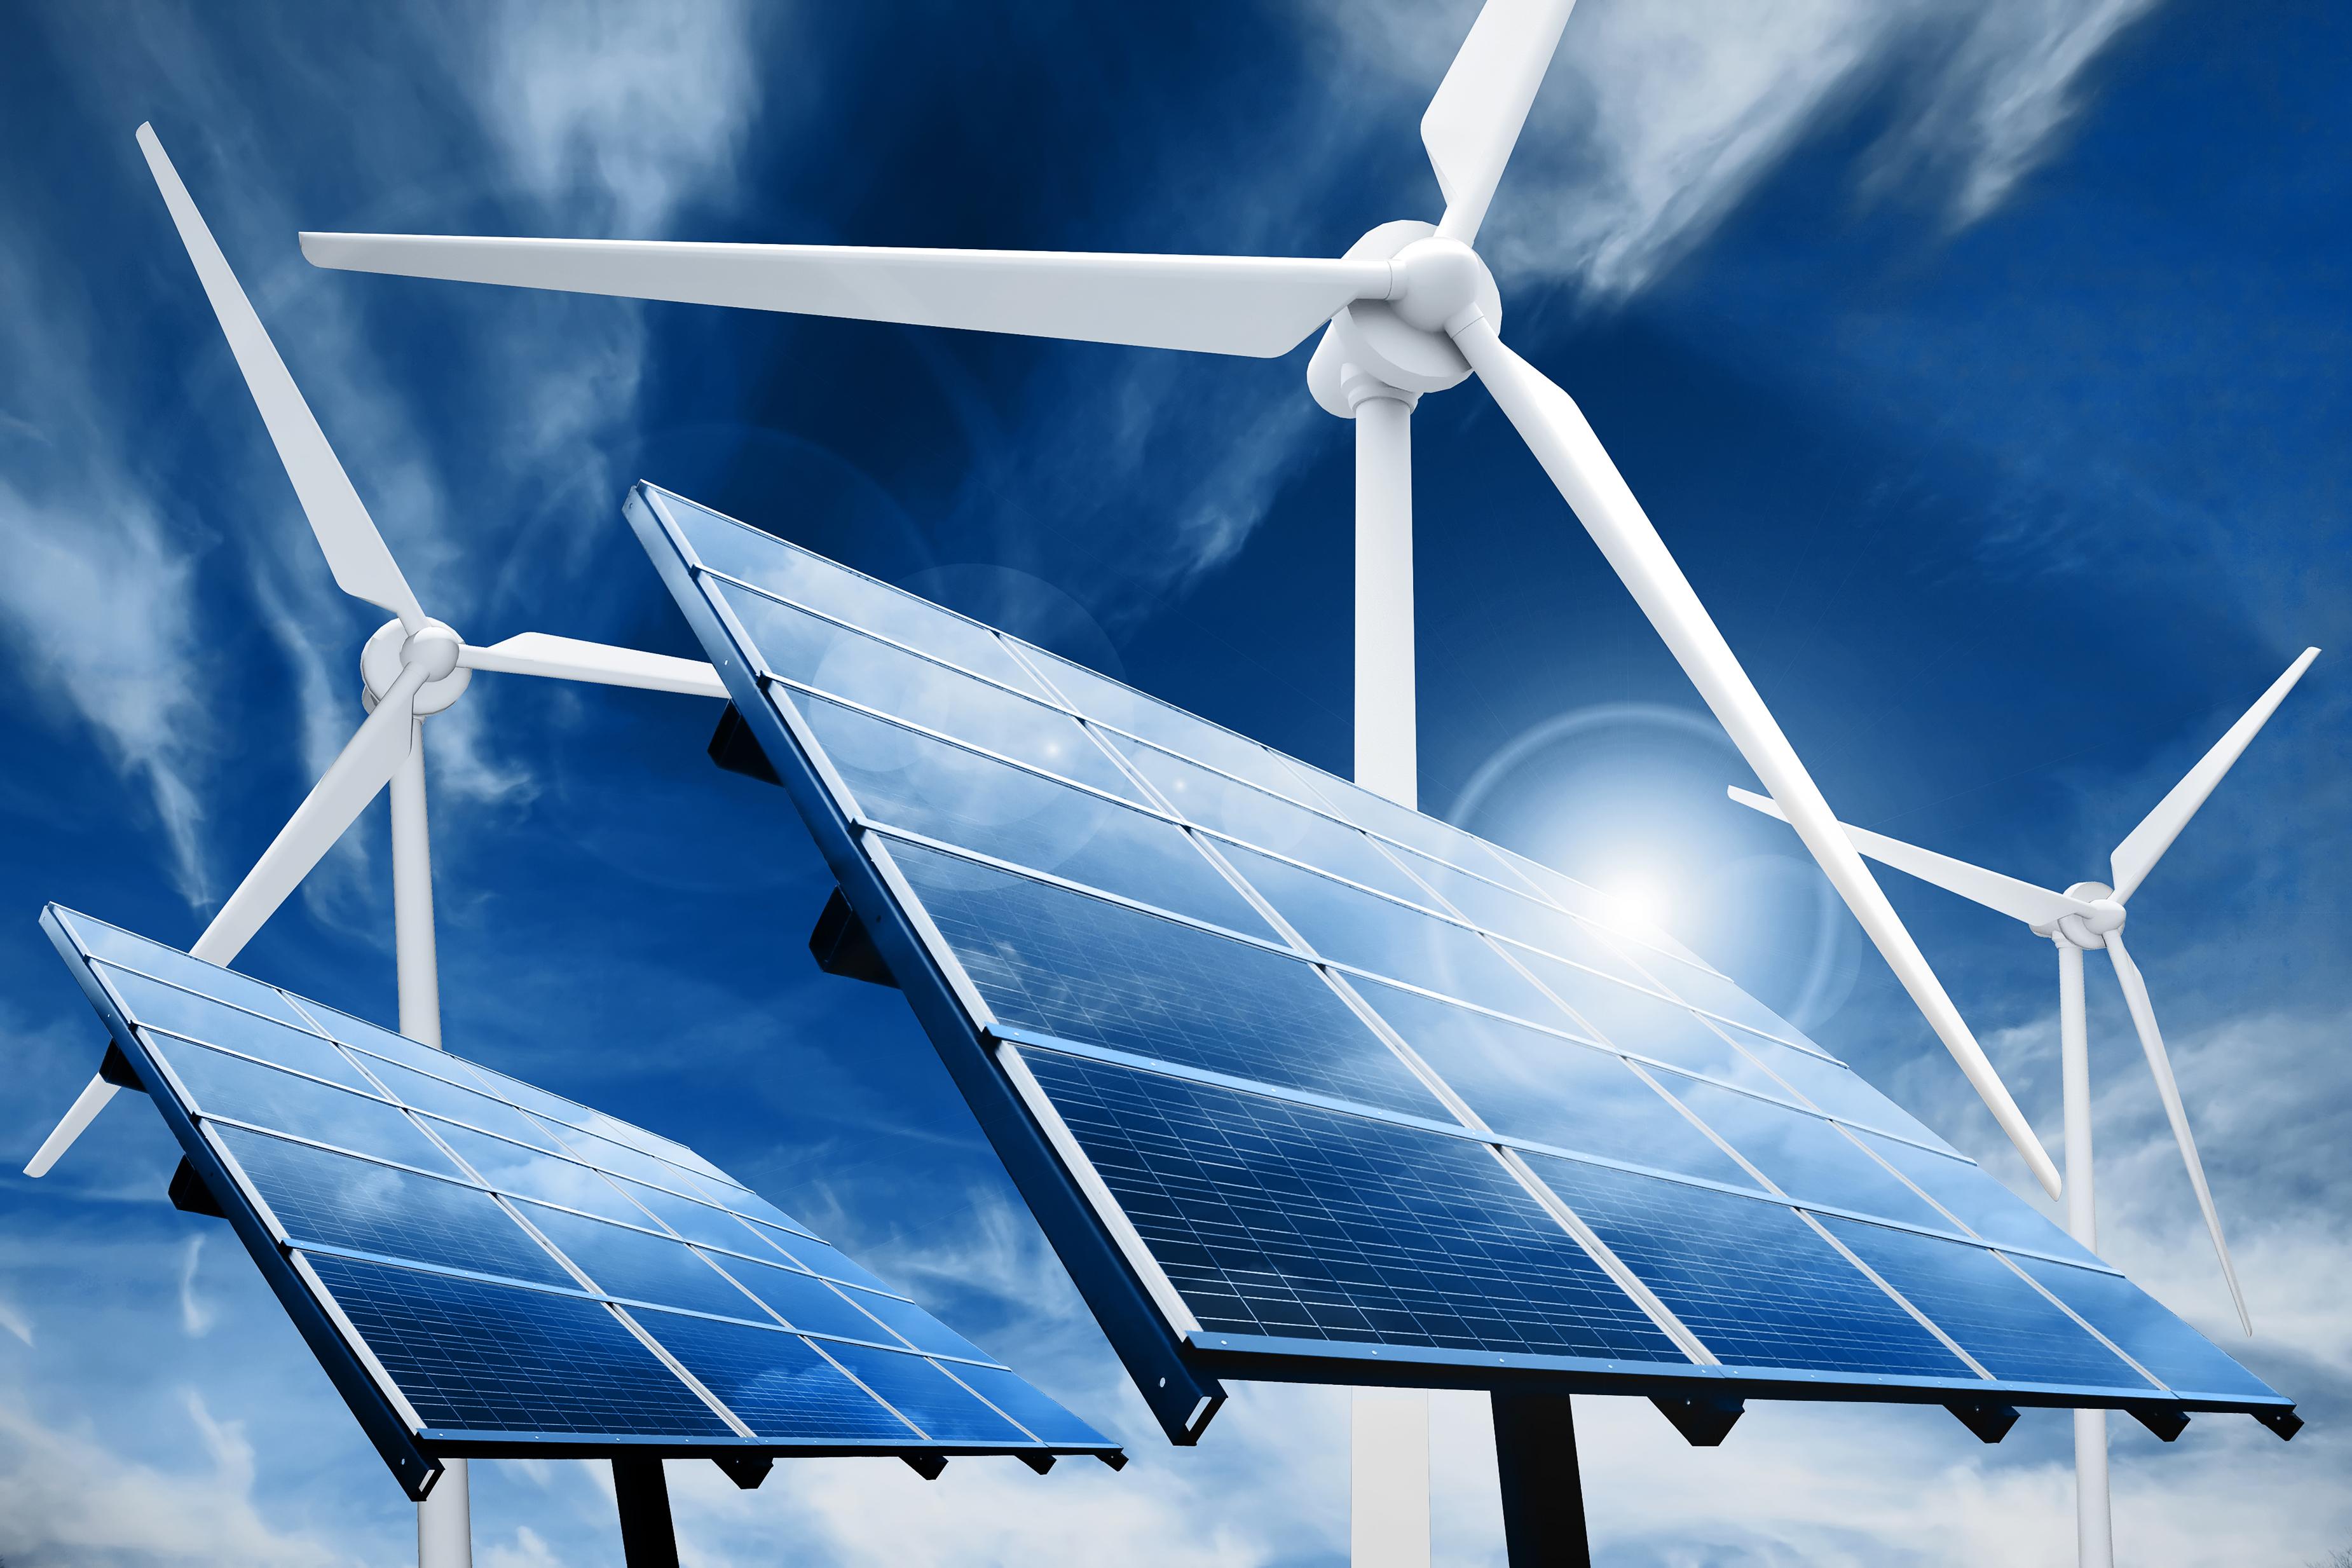 Швейцария хочет полностью перейти на экологически чистые источники энергии